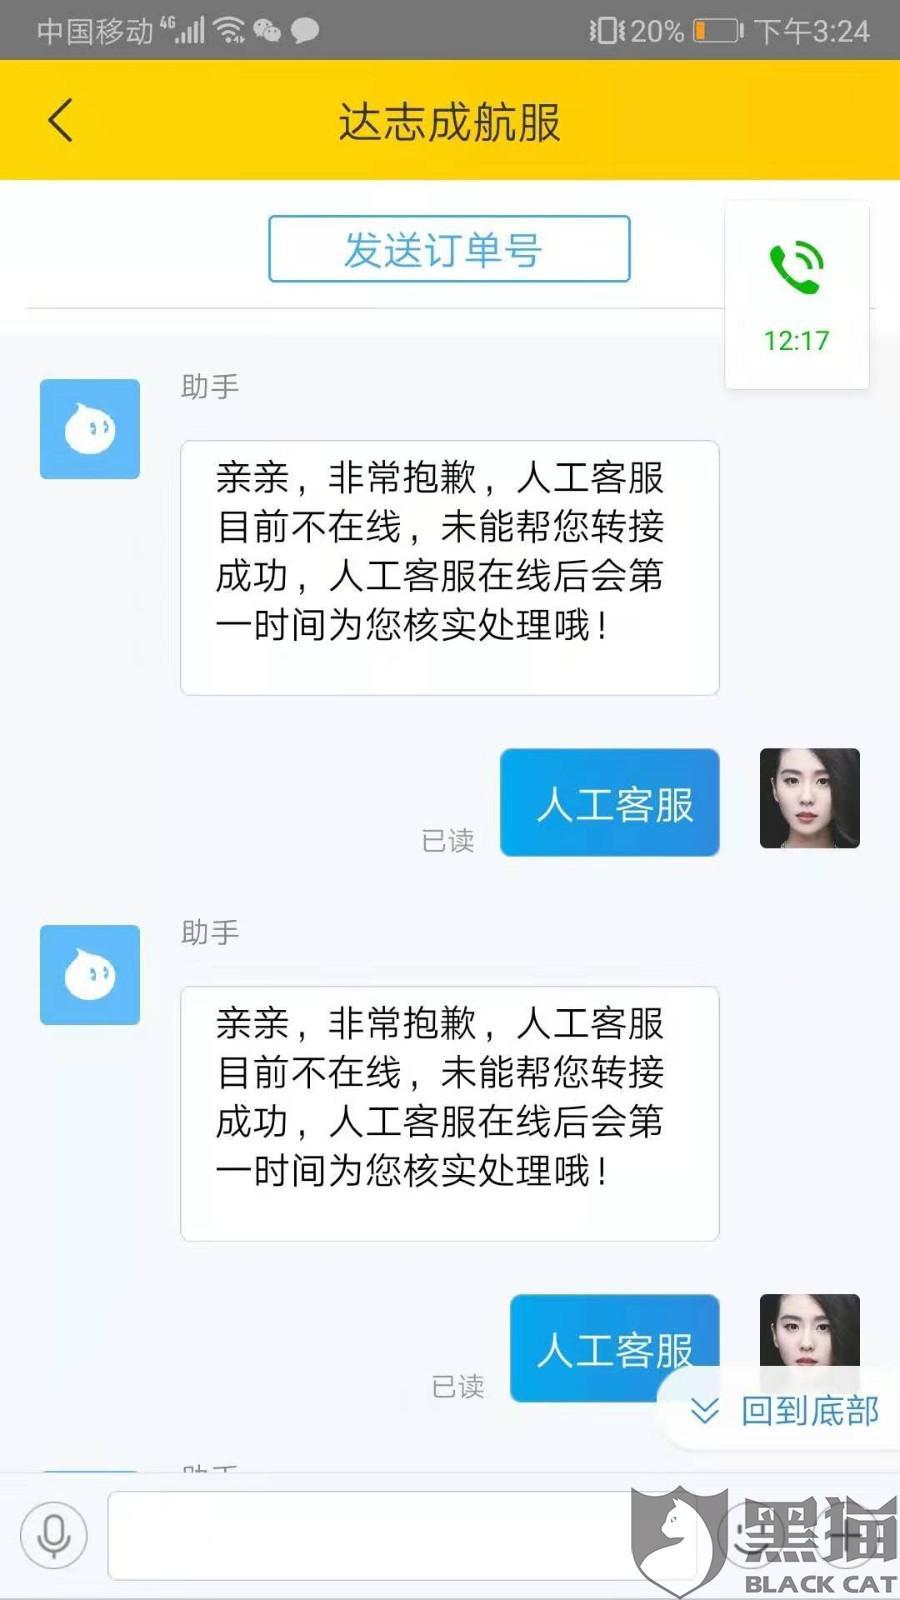 黑猫投诉:投诉深圳市达志成航服与飞猪飞机票退款问题